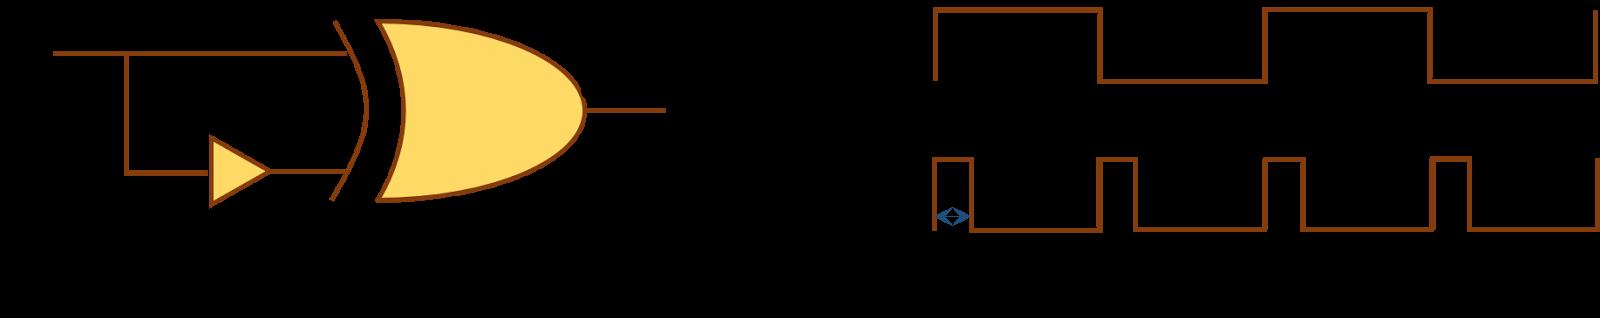 Design Quiz: multiply by 2 clock circuit